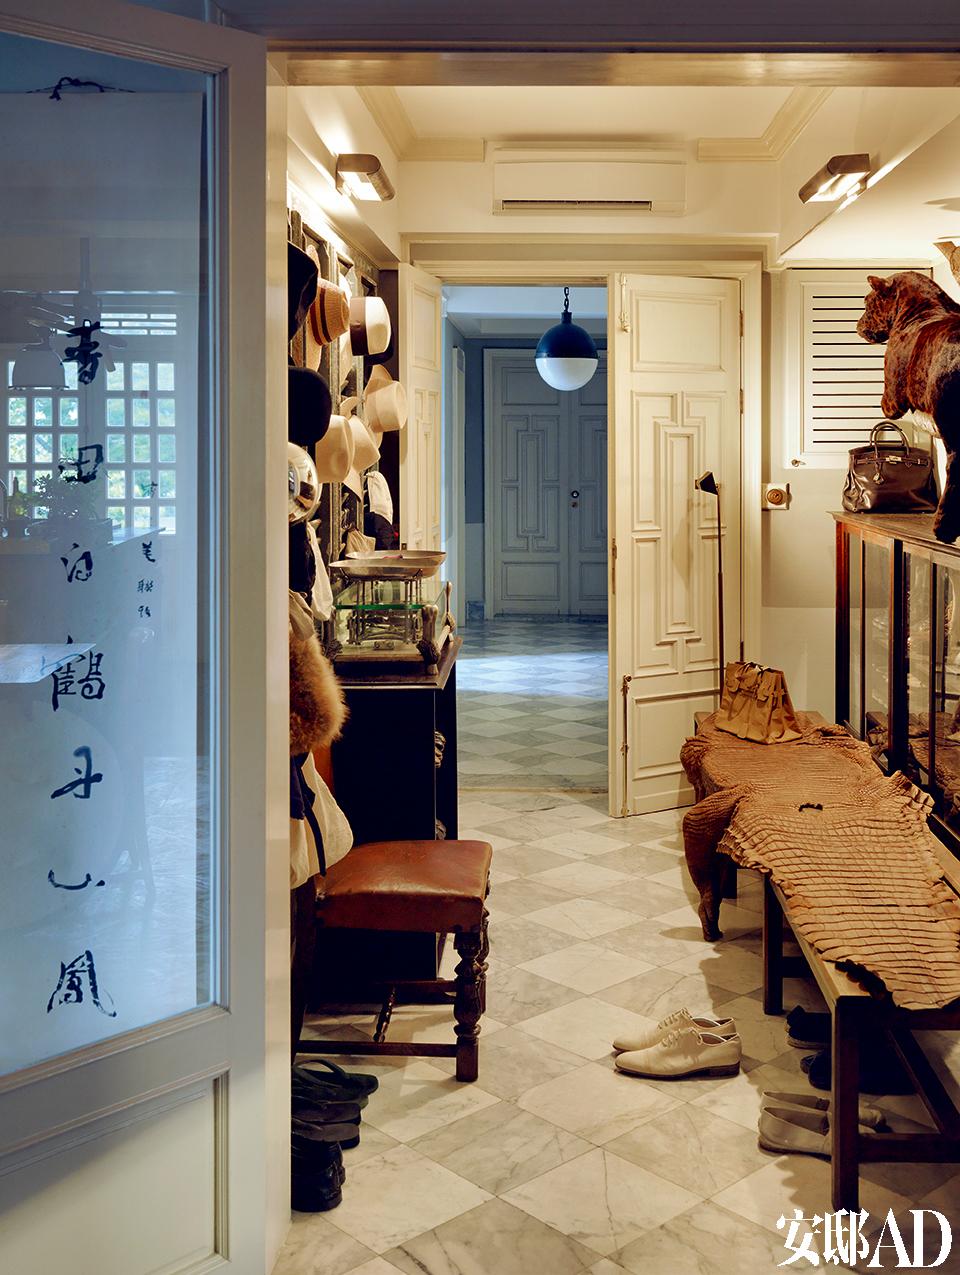 公寓入口,一整墙上挂满了叶裕清喜爱的帽子以及他所收藏的动物标本里的极品——来自中美洲的黑豹及老泰国鳄鱼皮!